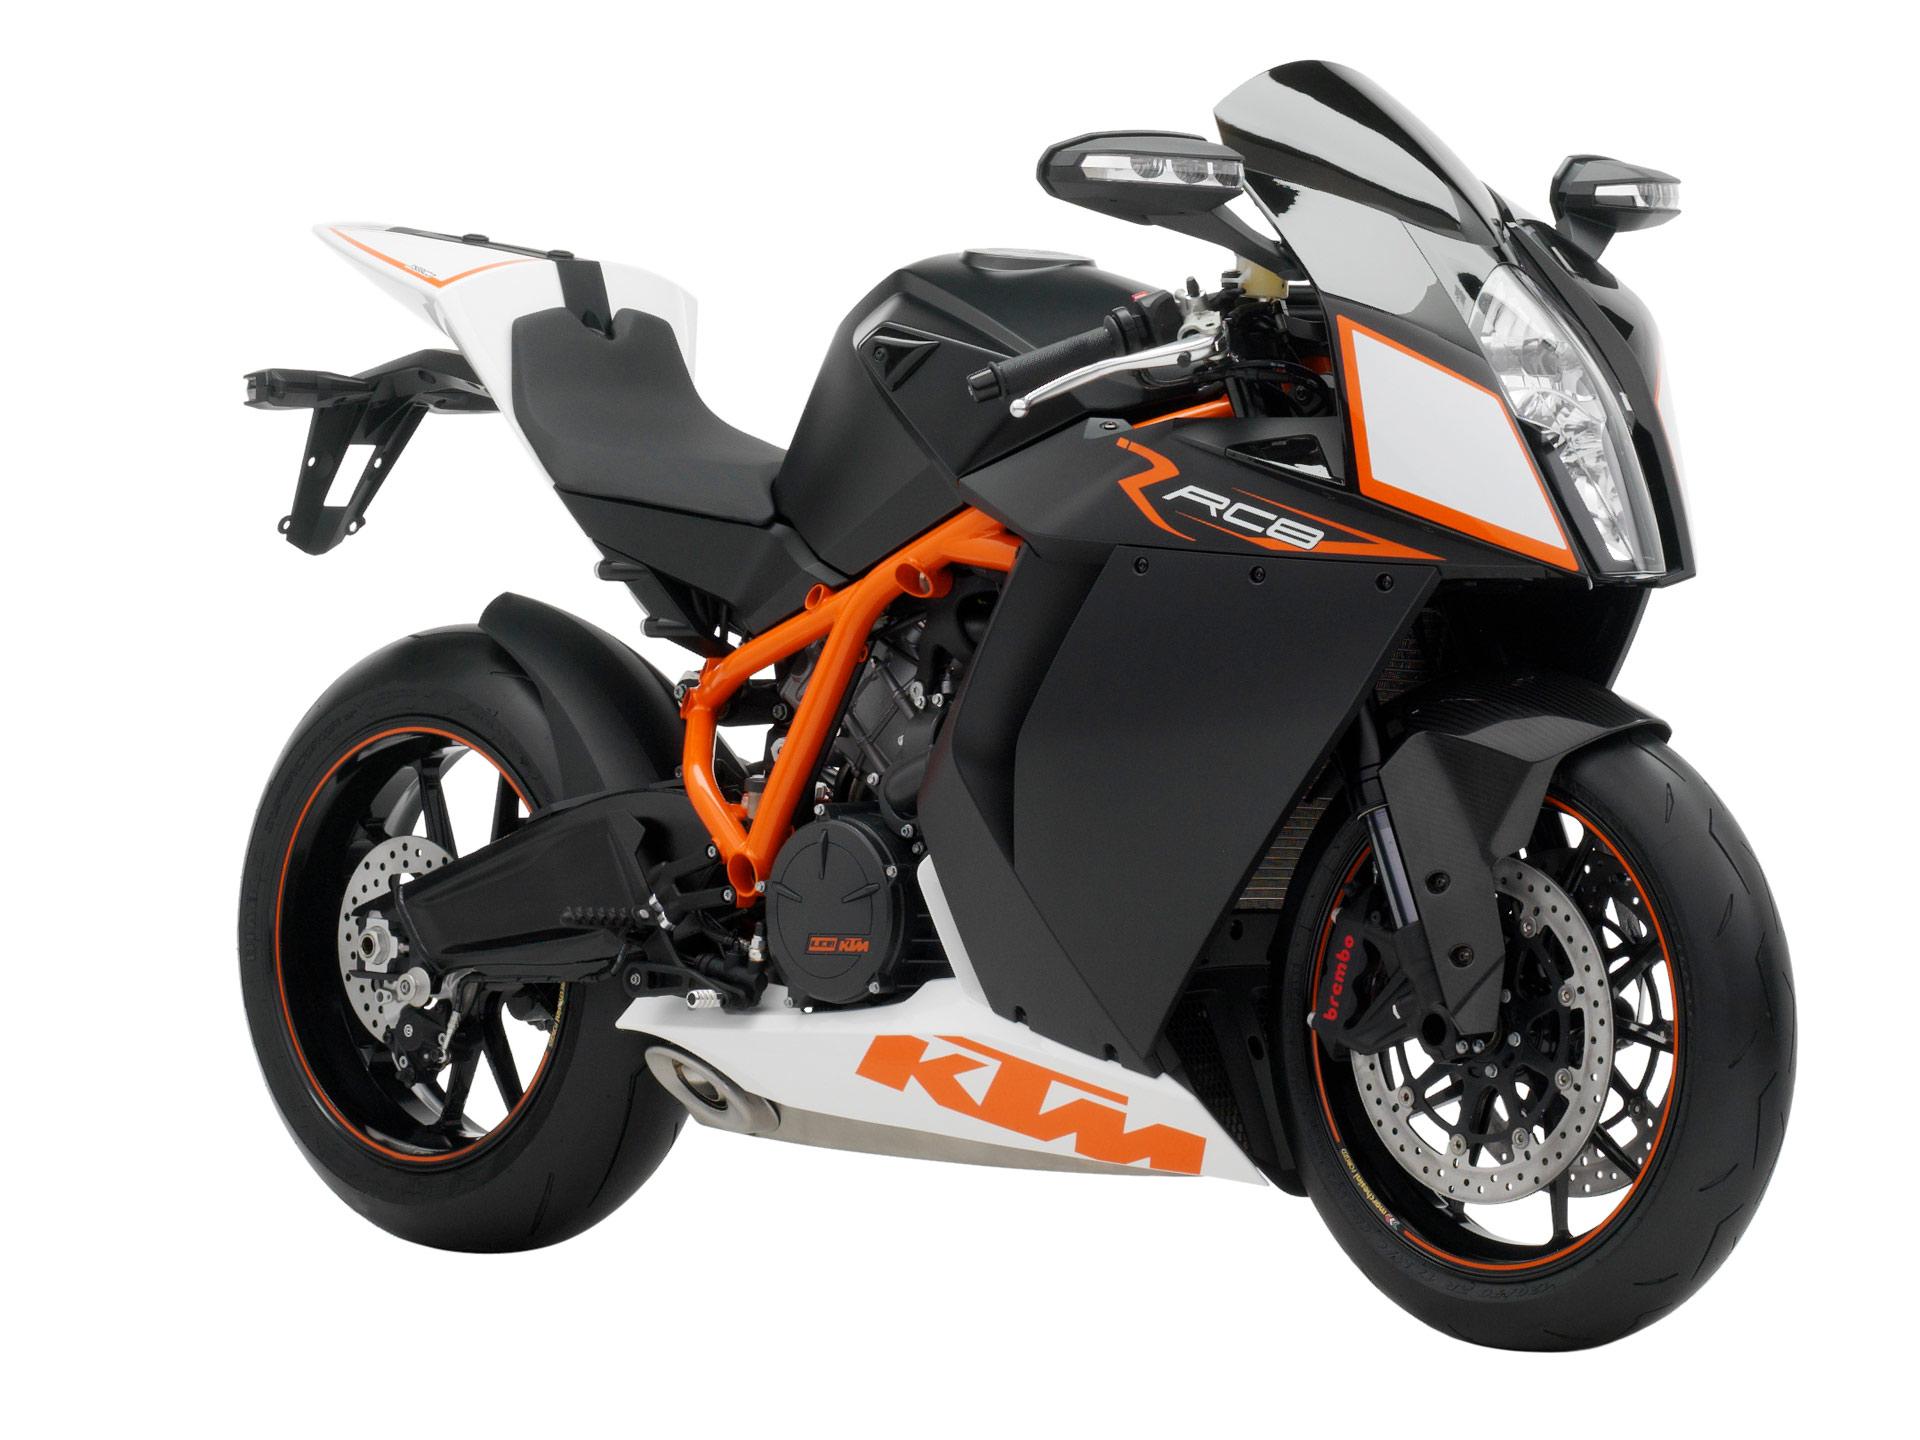 ktm bike images